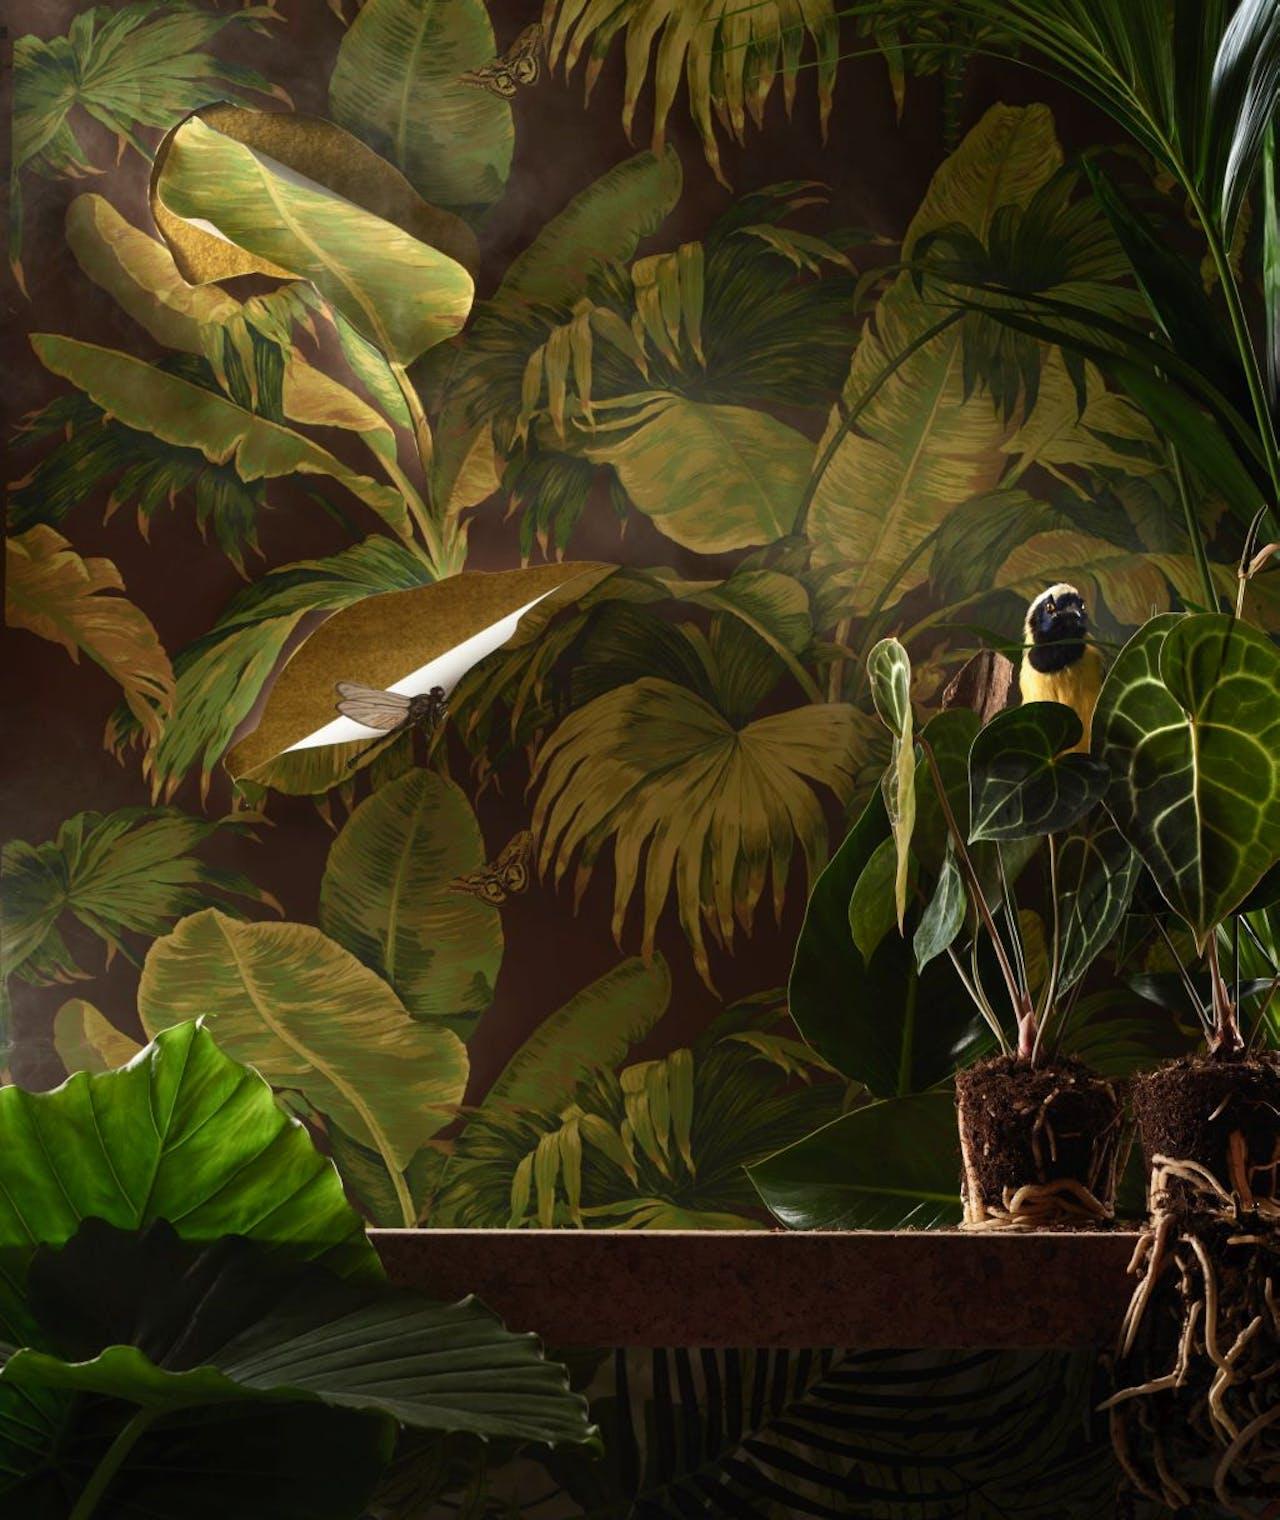 Behang 'Bananier', €391, Pierre Frey via Luxury By Nature; stof achter uitsnedes 'Cheviot', €85, p/m, Designers Guild via Wilhelmine van Aerssen; kurken tafelblad 'Sinnerlig', €189, Ikea; plant links alocasia gageana, mooiwatplantendoen.nl; interieurstof onder tafelblad 'Manila', €78, Sanderson via Luxury By Nature; plantjes anthurium clarinervium en palmplant, mooiwatplantendoen.nl; groene tropische vogel, €245, Luxury by Nature